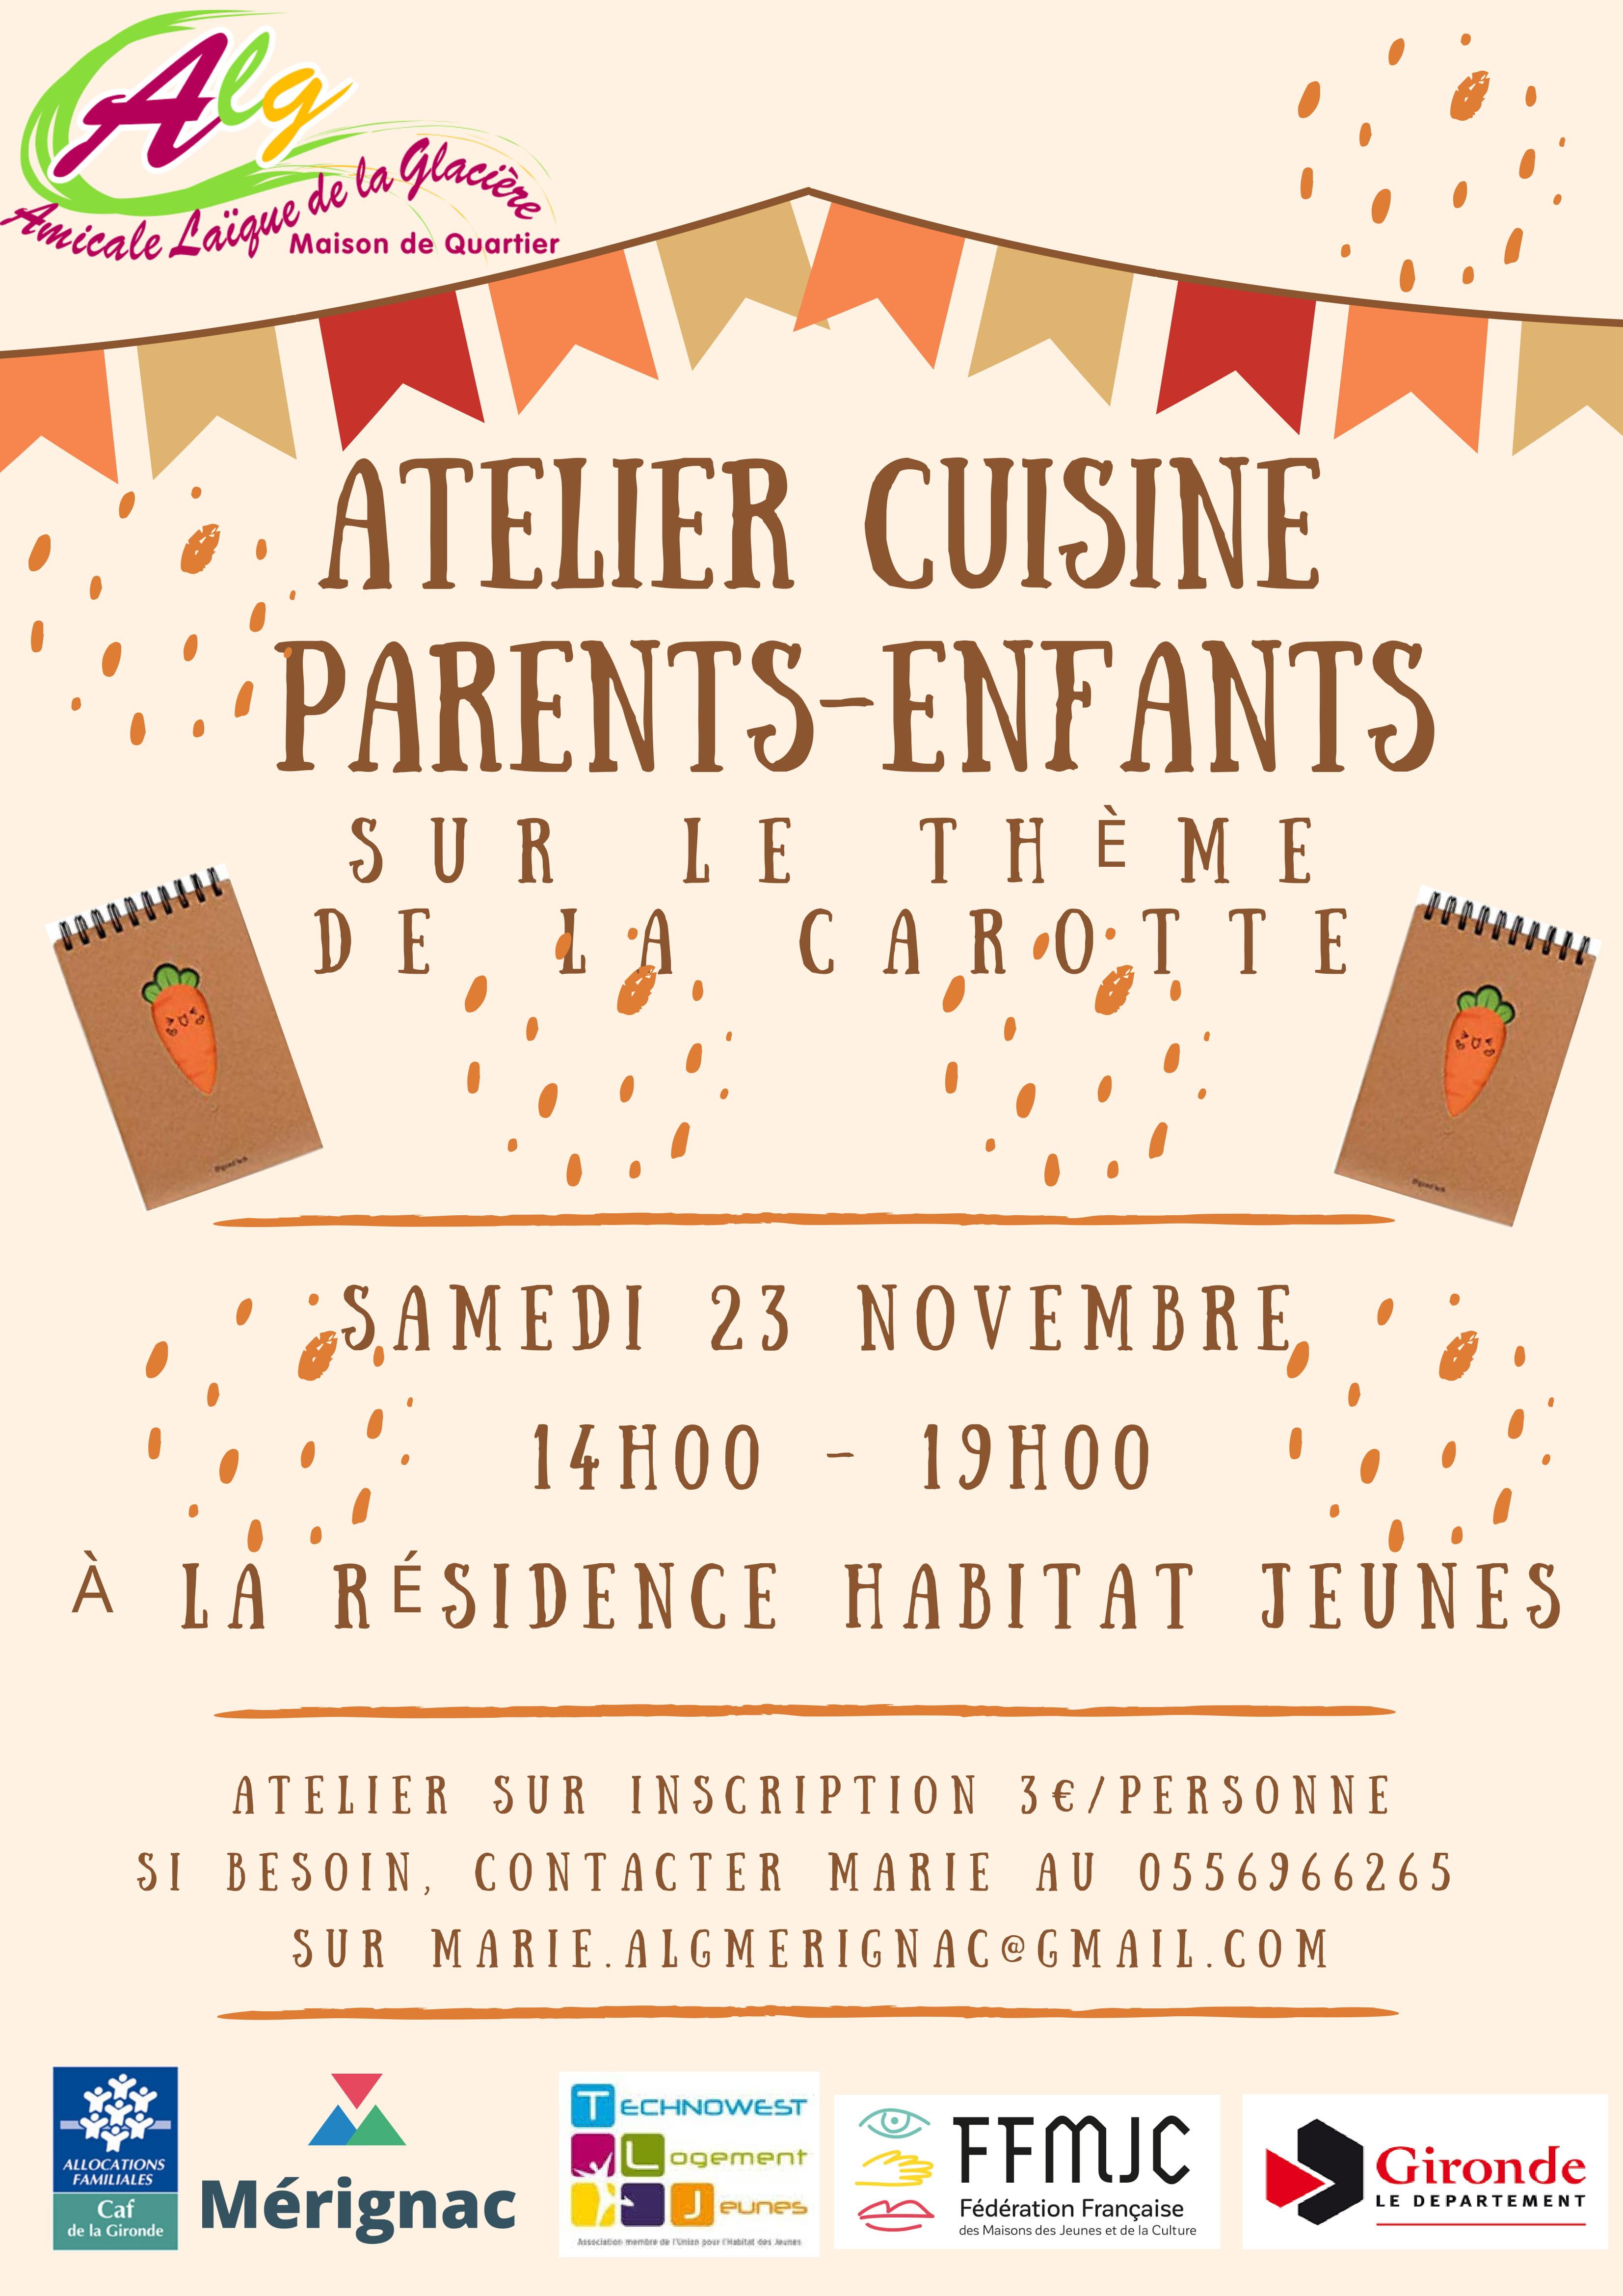 Atelier cuisine parents-enfant samedi 23 novembre 2019